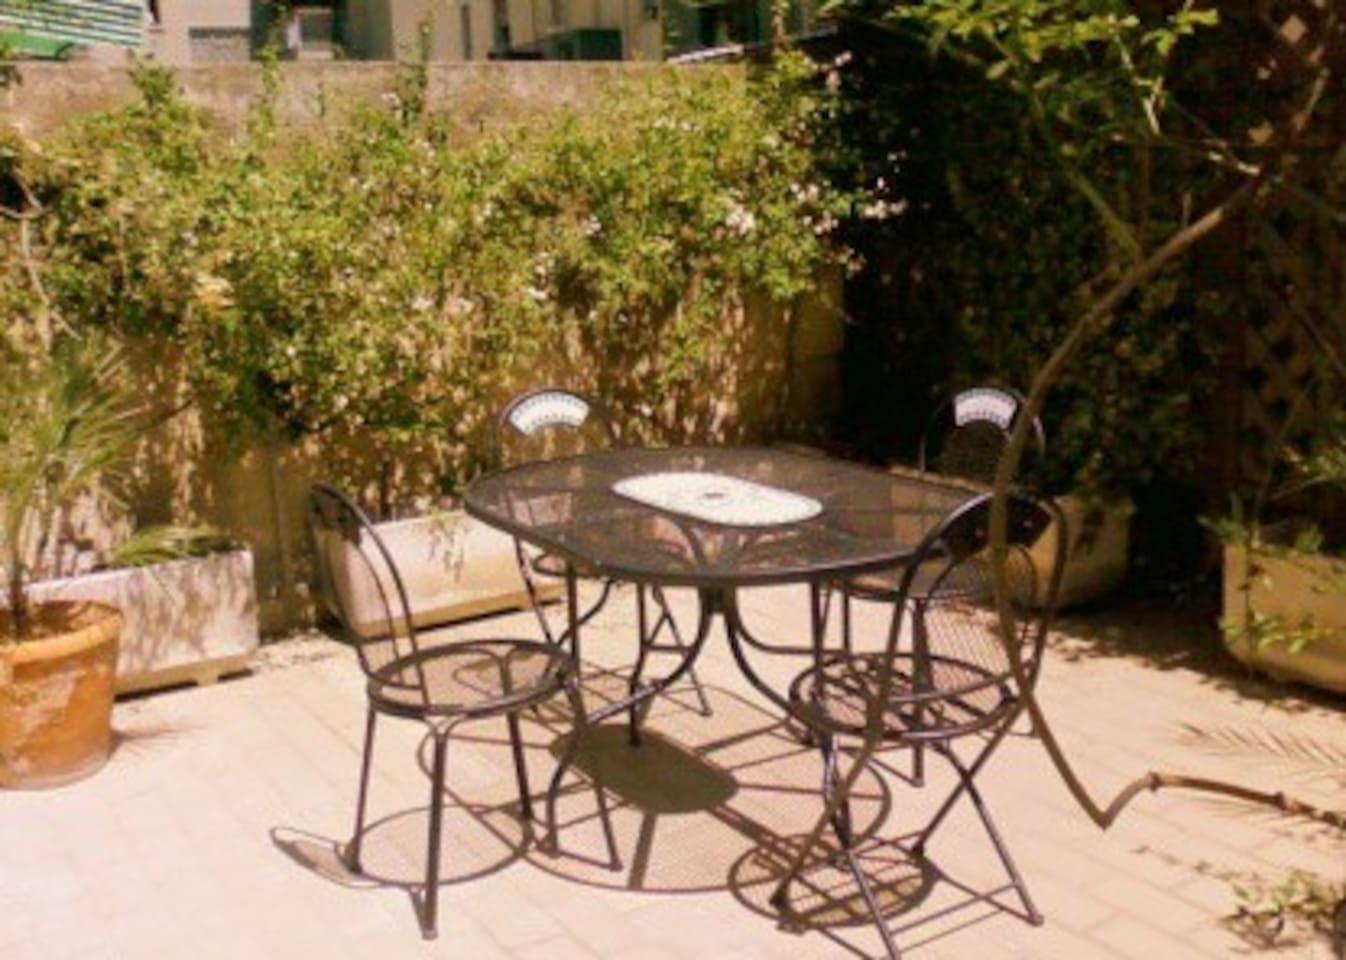 La terrazza, attrezzata con sedie e tavolo e uno spazio più grande per i bambini o prendere il sole